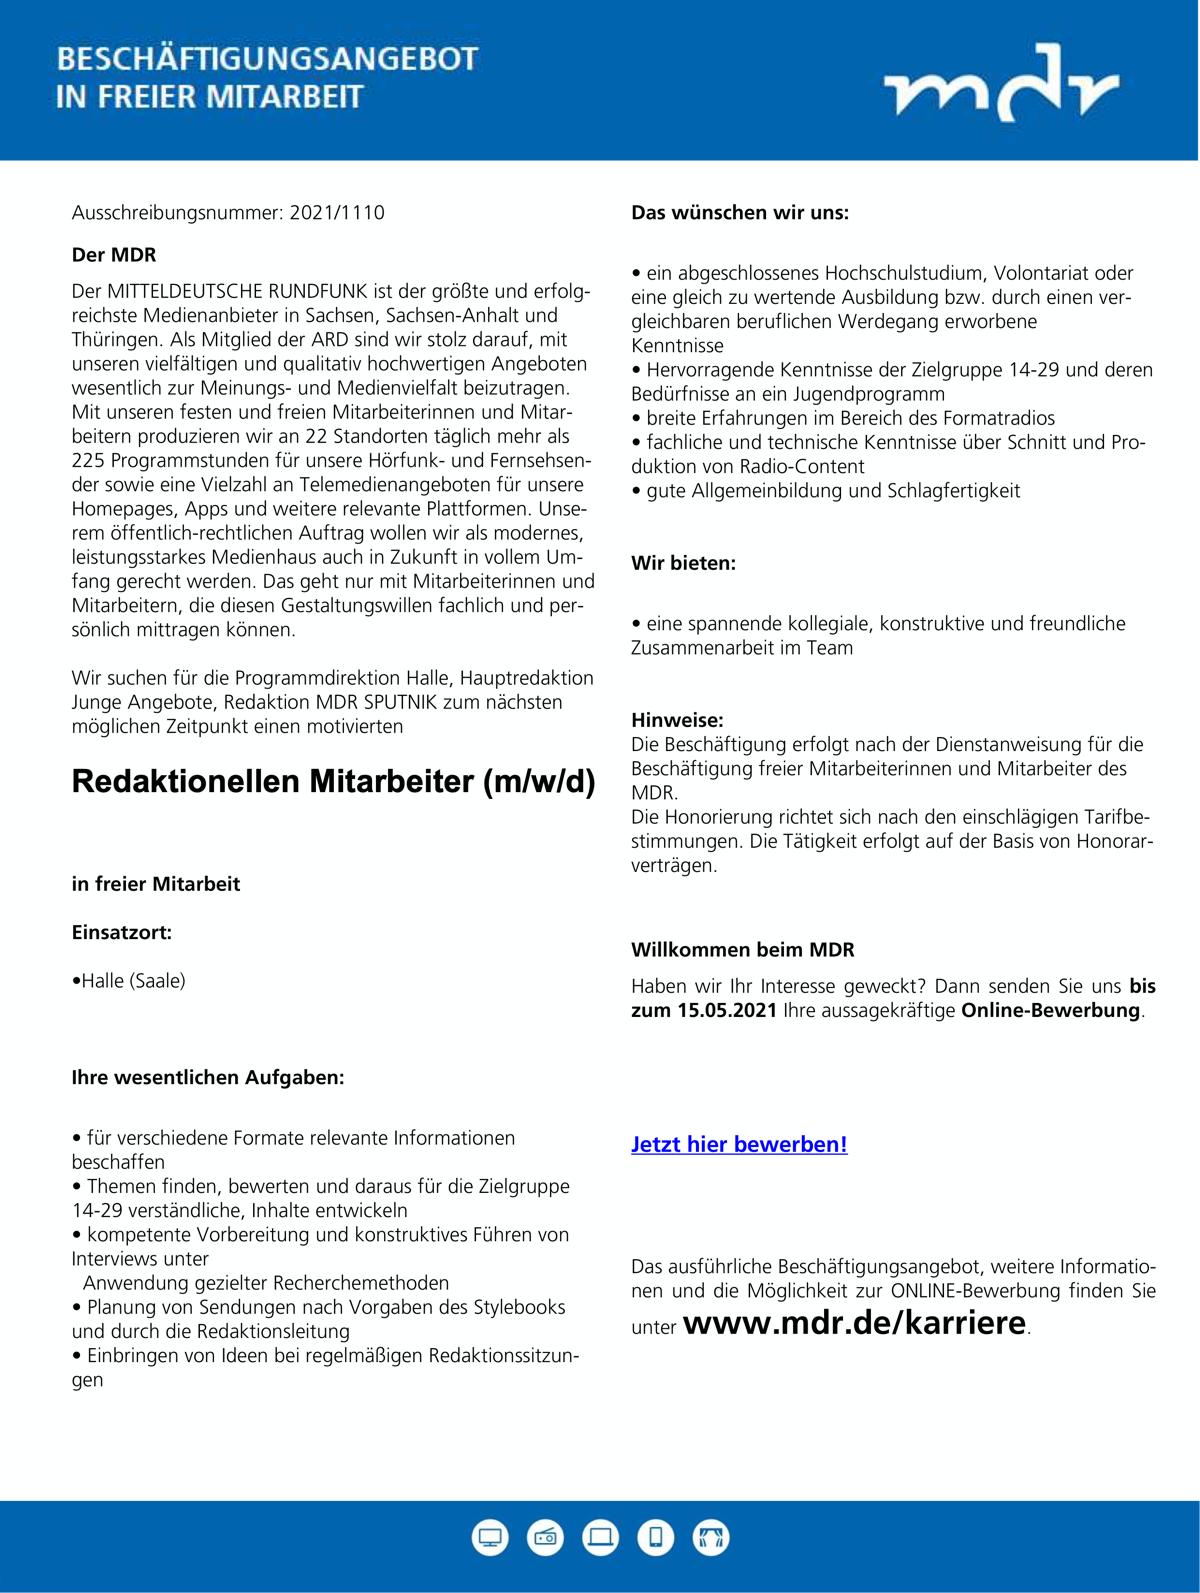 MDR sucht redaktionellen Mitarbeiter (m/w/d)